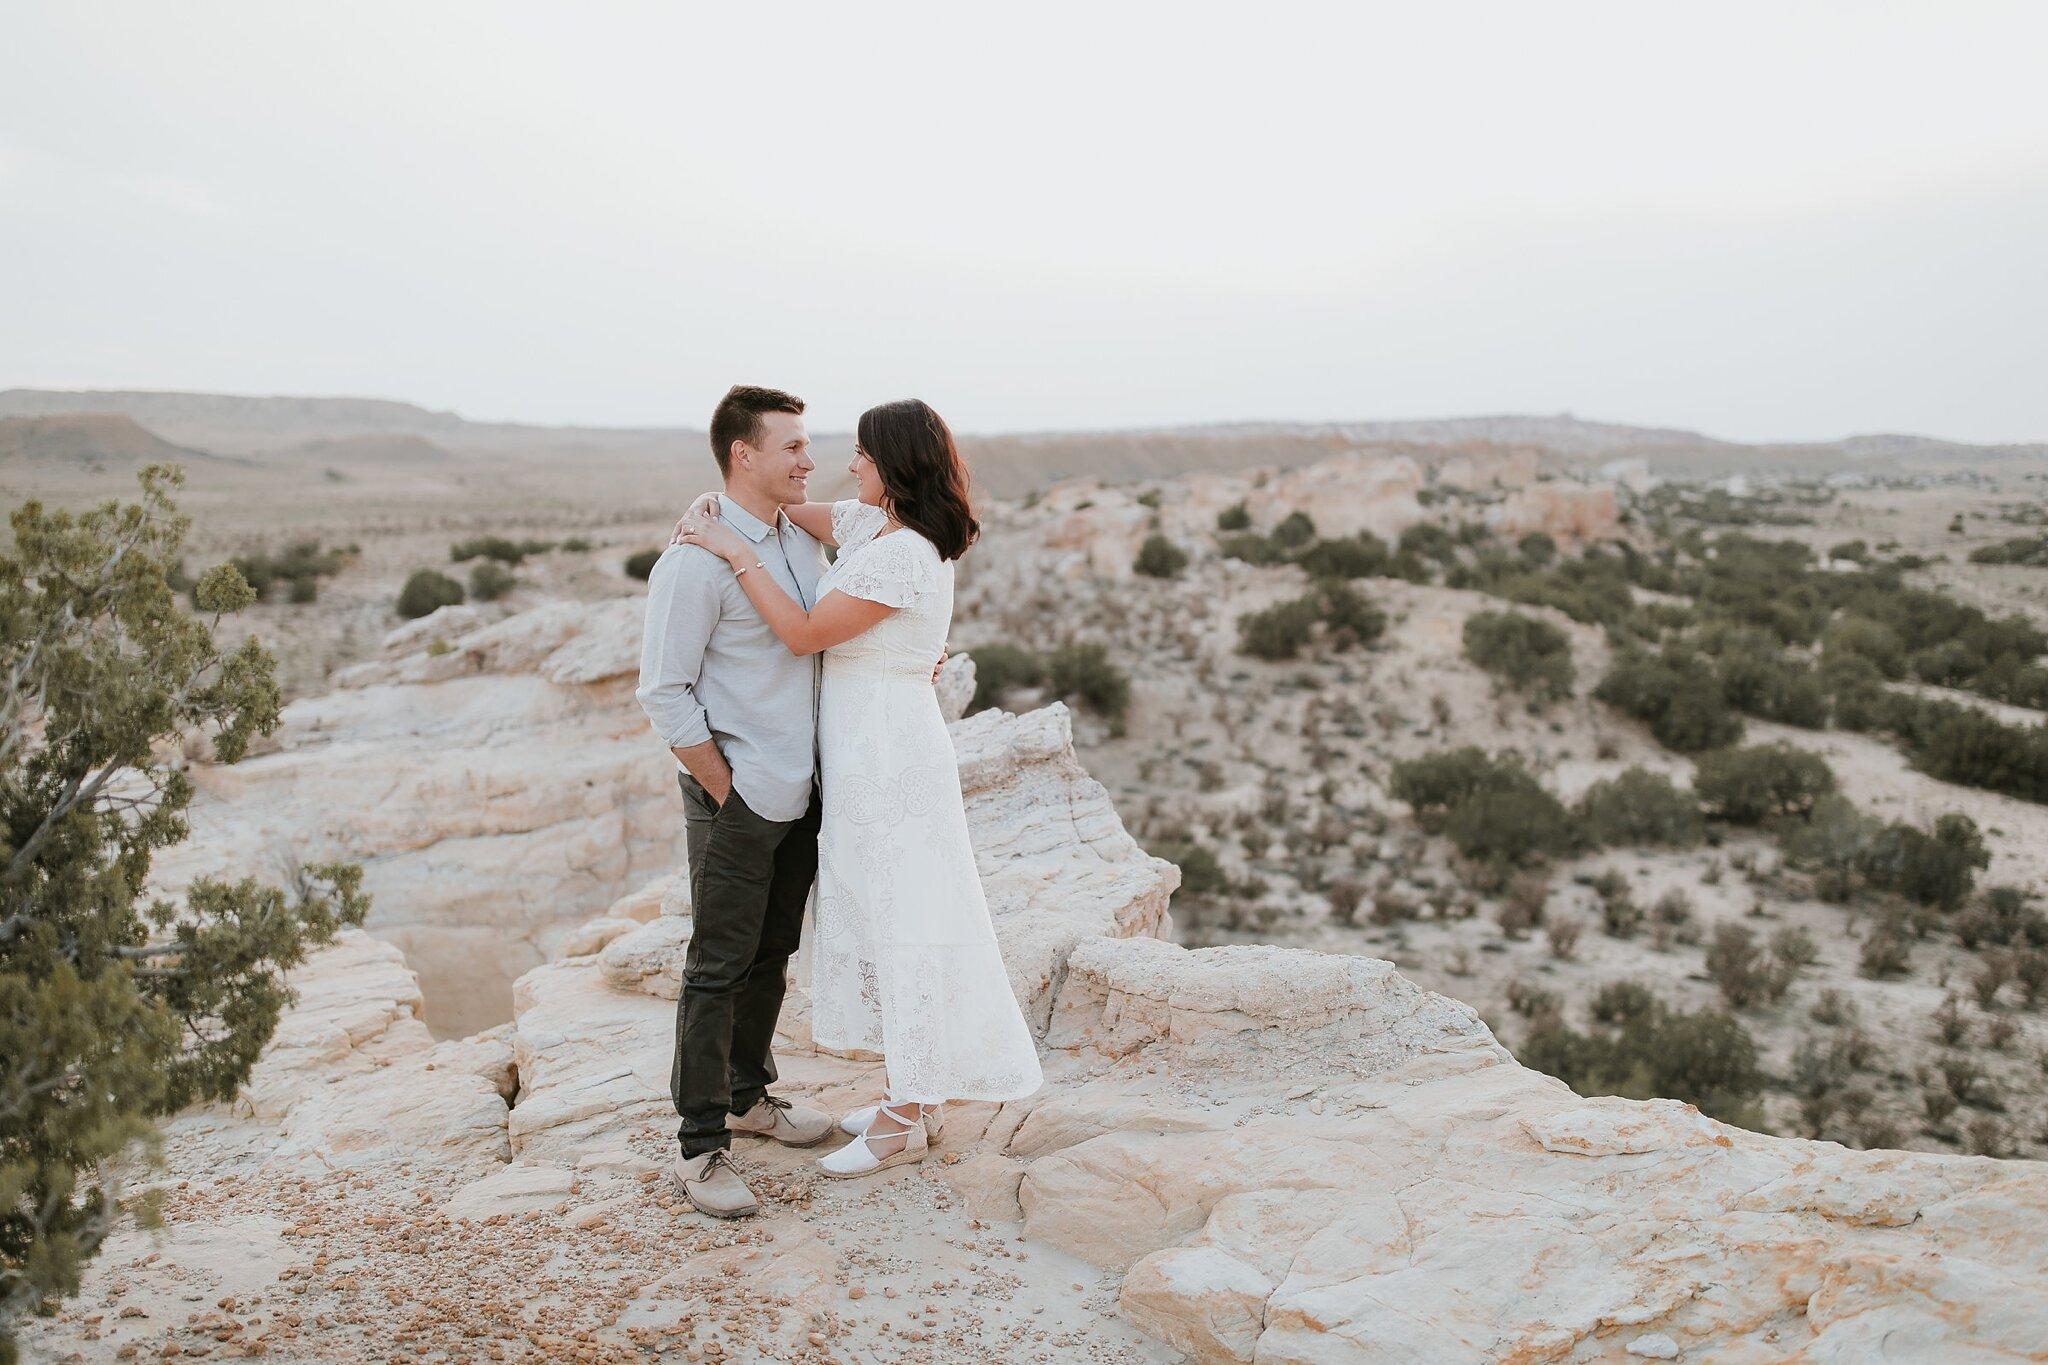 Alicia+lucia+photography+-+albuquerque+wedding+photographer+-+santa+fe+wedding+photography+-+new+mexico+wedding+photographer+-+new+mexico+wedding+-+engagement+-+desert+engagement+-+new+mexico+engagement+-+new+mexico+desert+engagement_0055.jpg